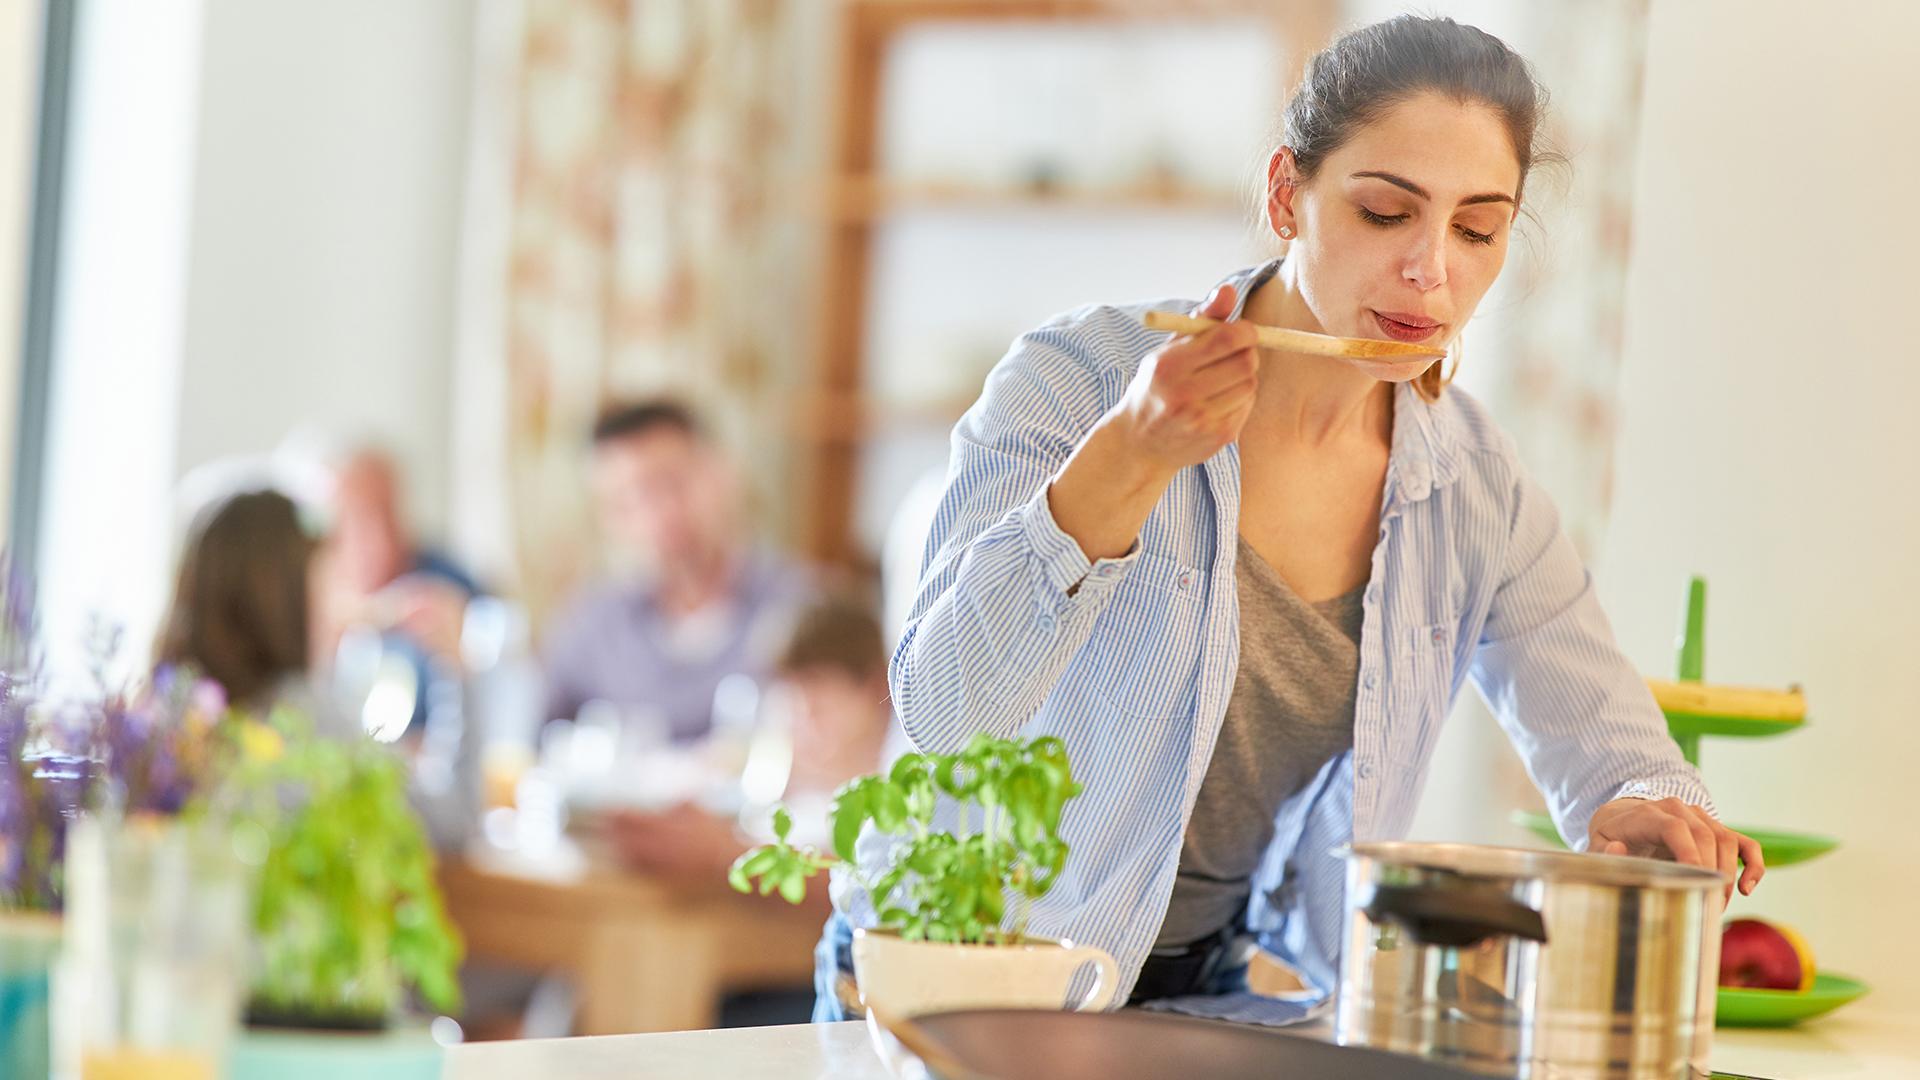 อร่อยง่ายเมนูจากของใกล้ตัว ช่วงกักตัวอยู่บ้าน